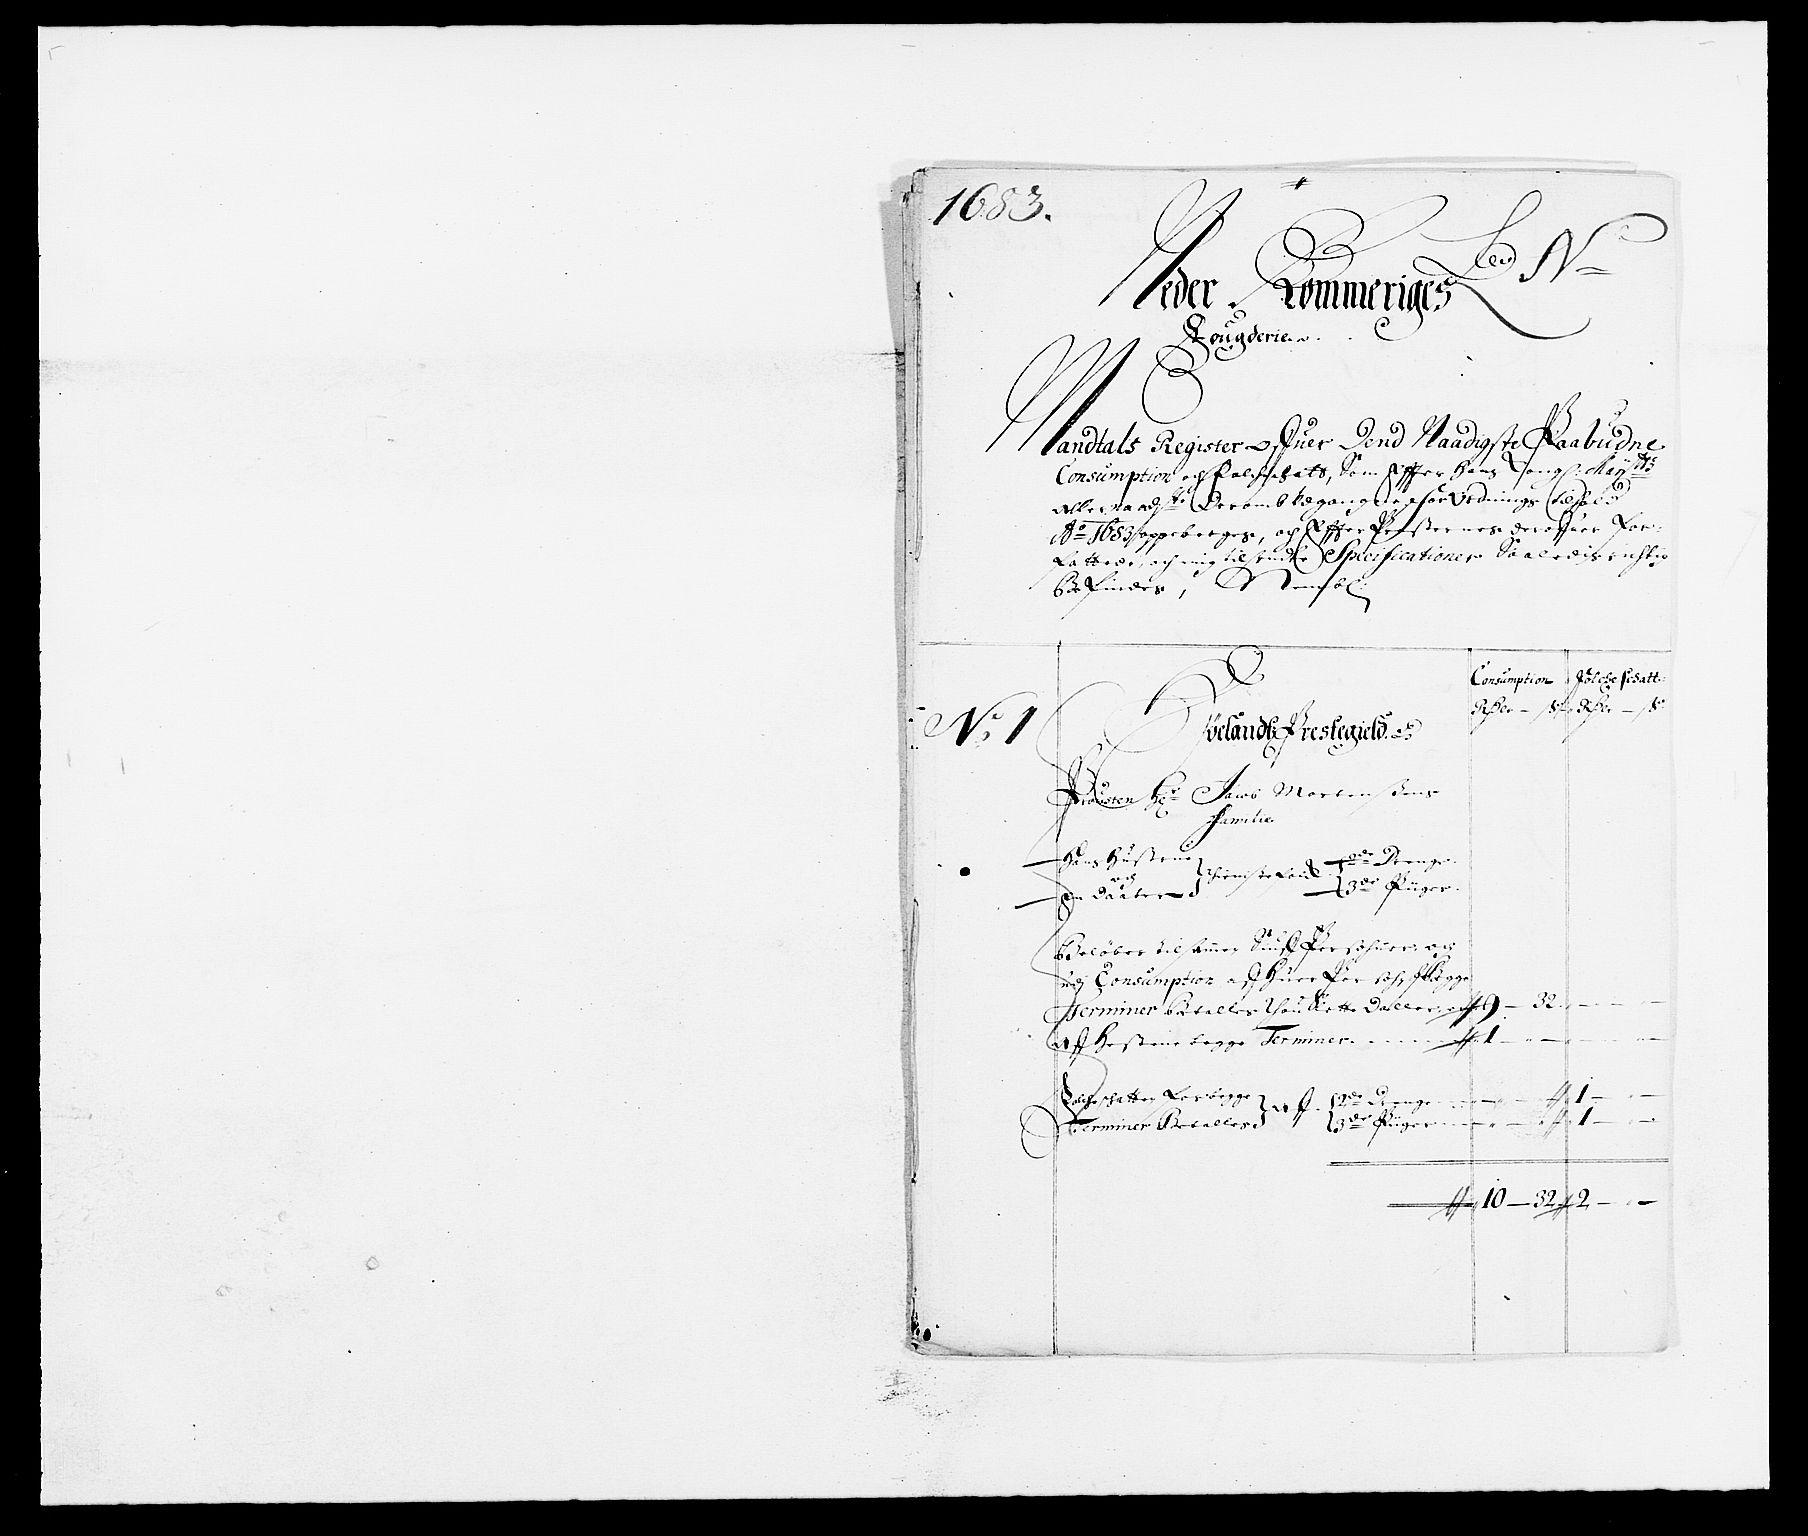 RA, Rentekammeret inntil 1814, Reviderte regnskaper, Fogderegnskap, R11/L0571: Fogderegnskap Nedre Romerike, 1683-1685, s. 101